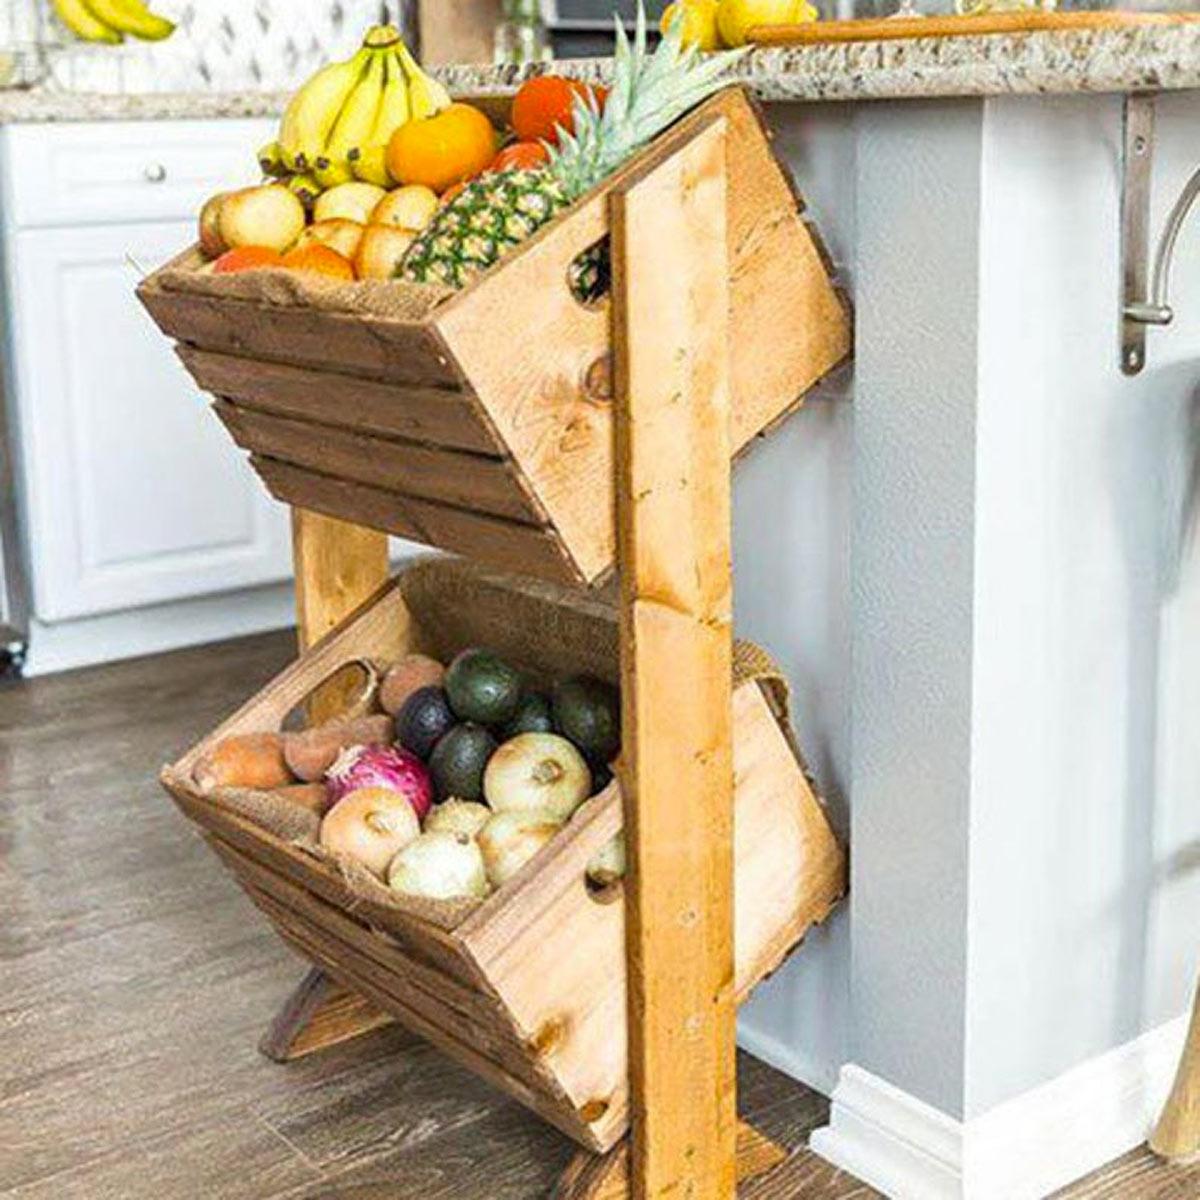 Porta frutta e verdura realizzato con 2 cassette di legno.